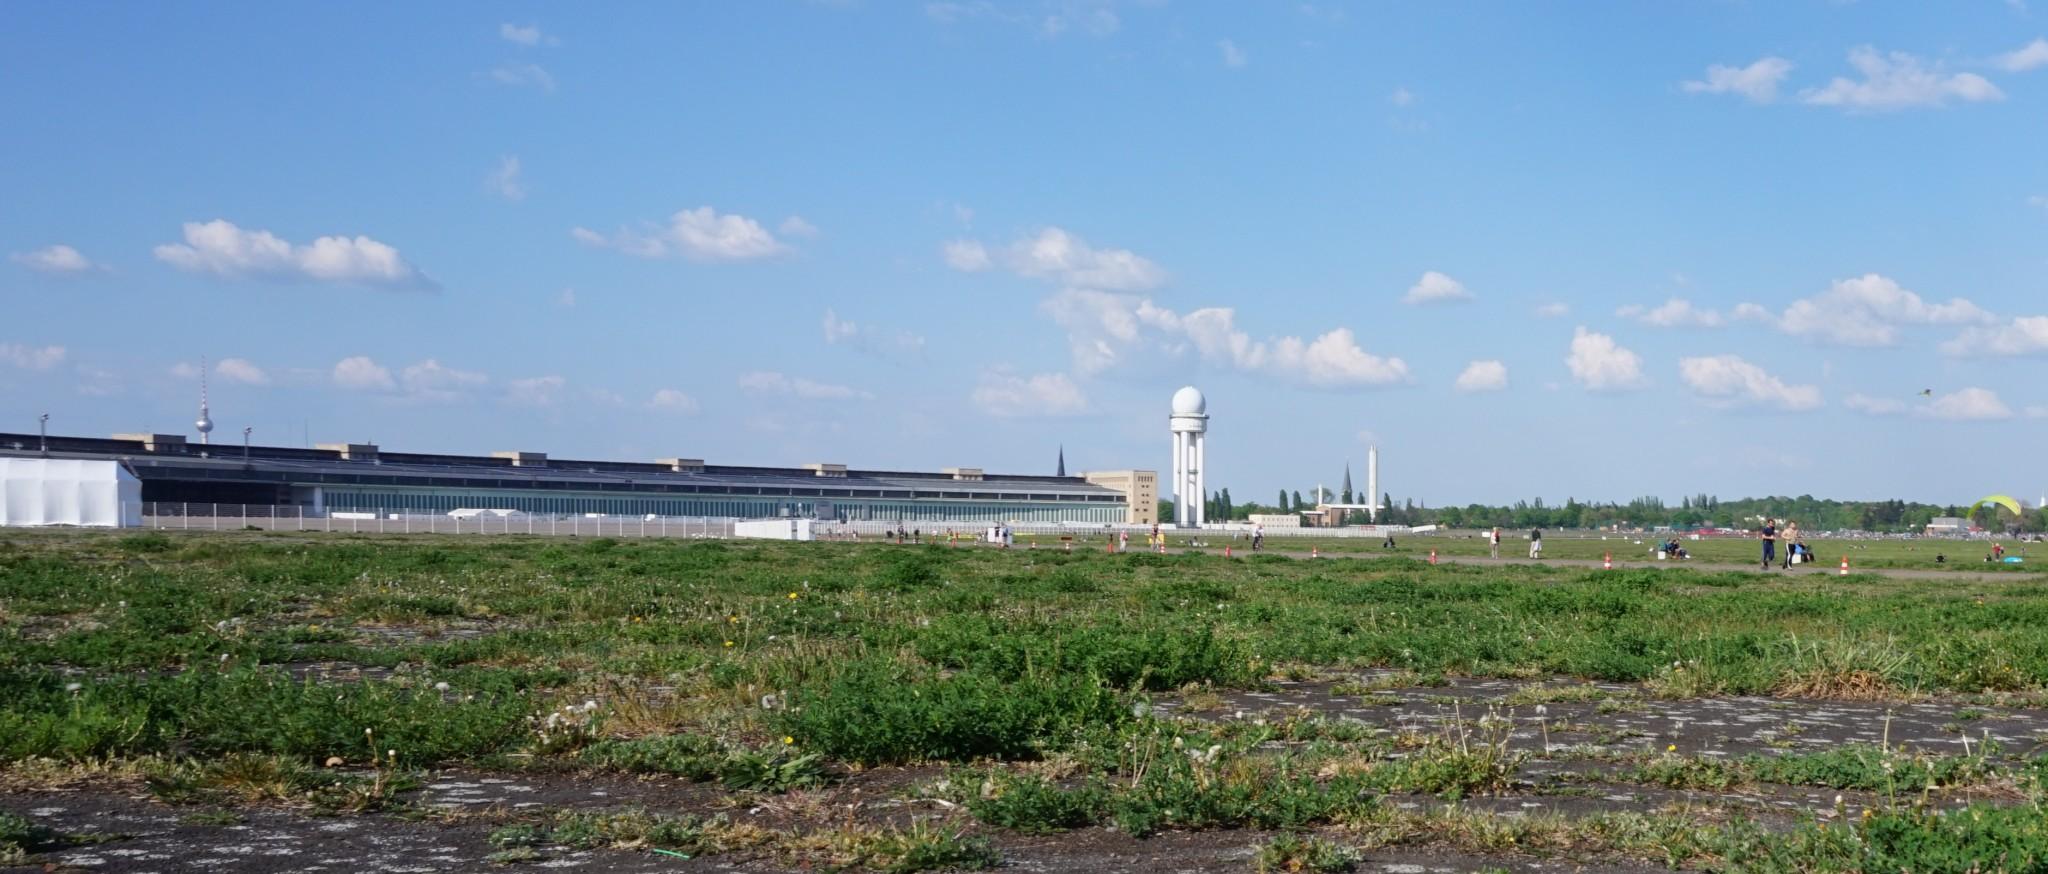 Tempelhofin lentokenttä (178)